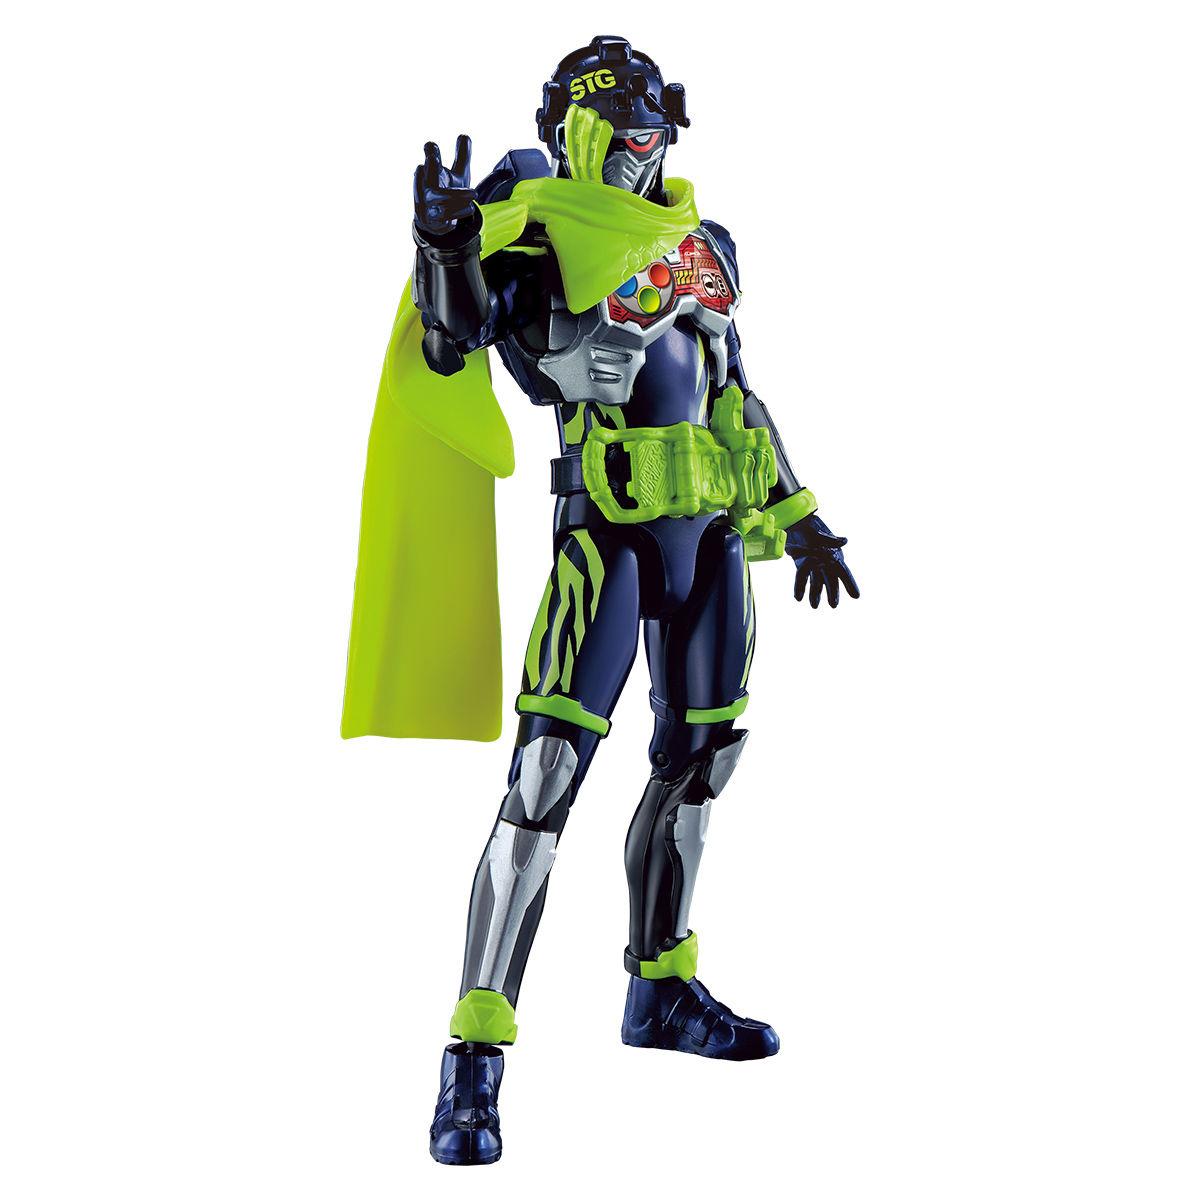 RKFレジェンドライダーシリーズ『仮面ライダースナイプ シューティングゲーマーレベル2』可動フィギュア-001